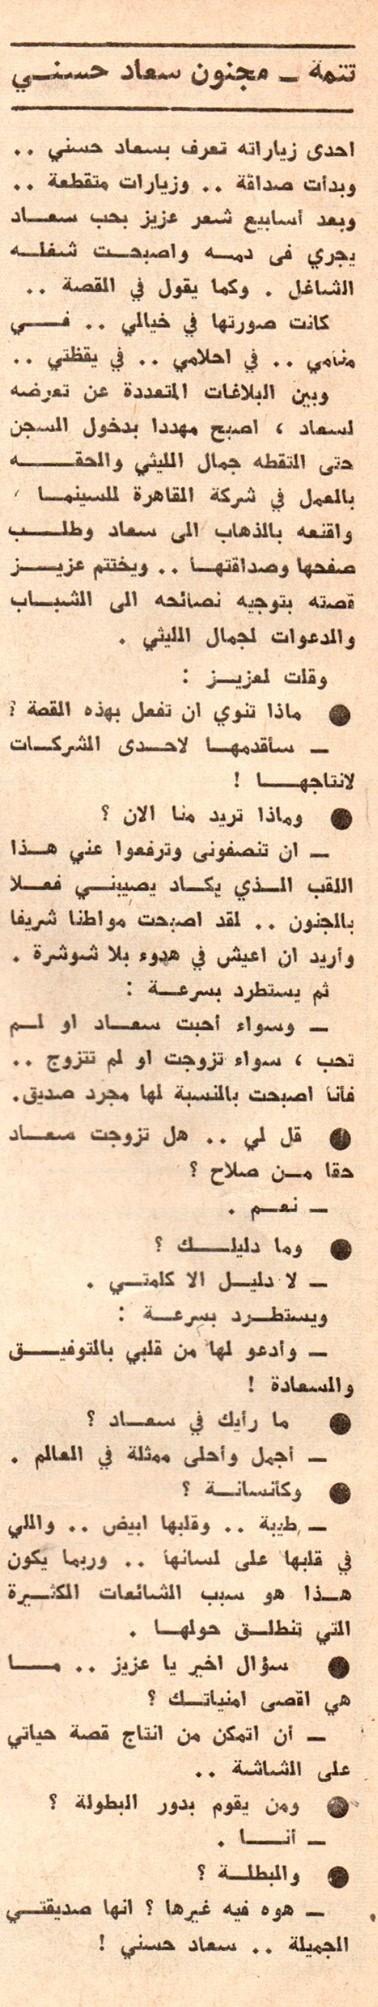 حوار صحفي : مجنون سعاد حسني يعترف 1966 م 334